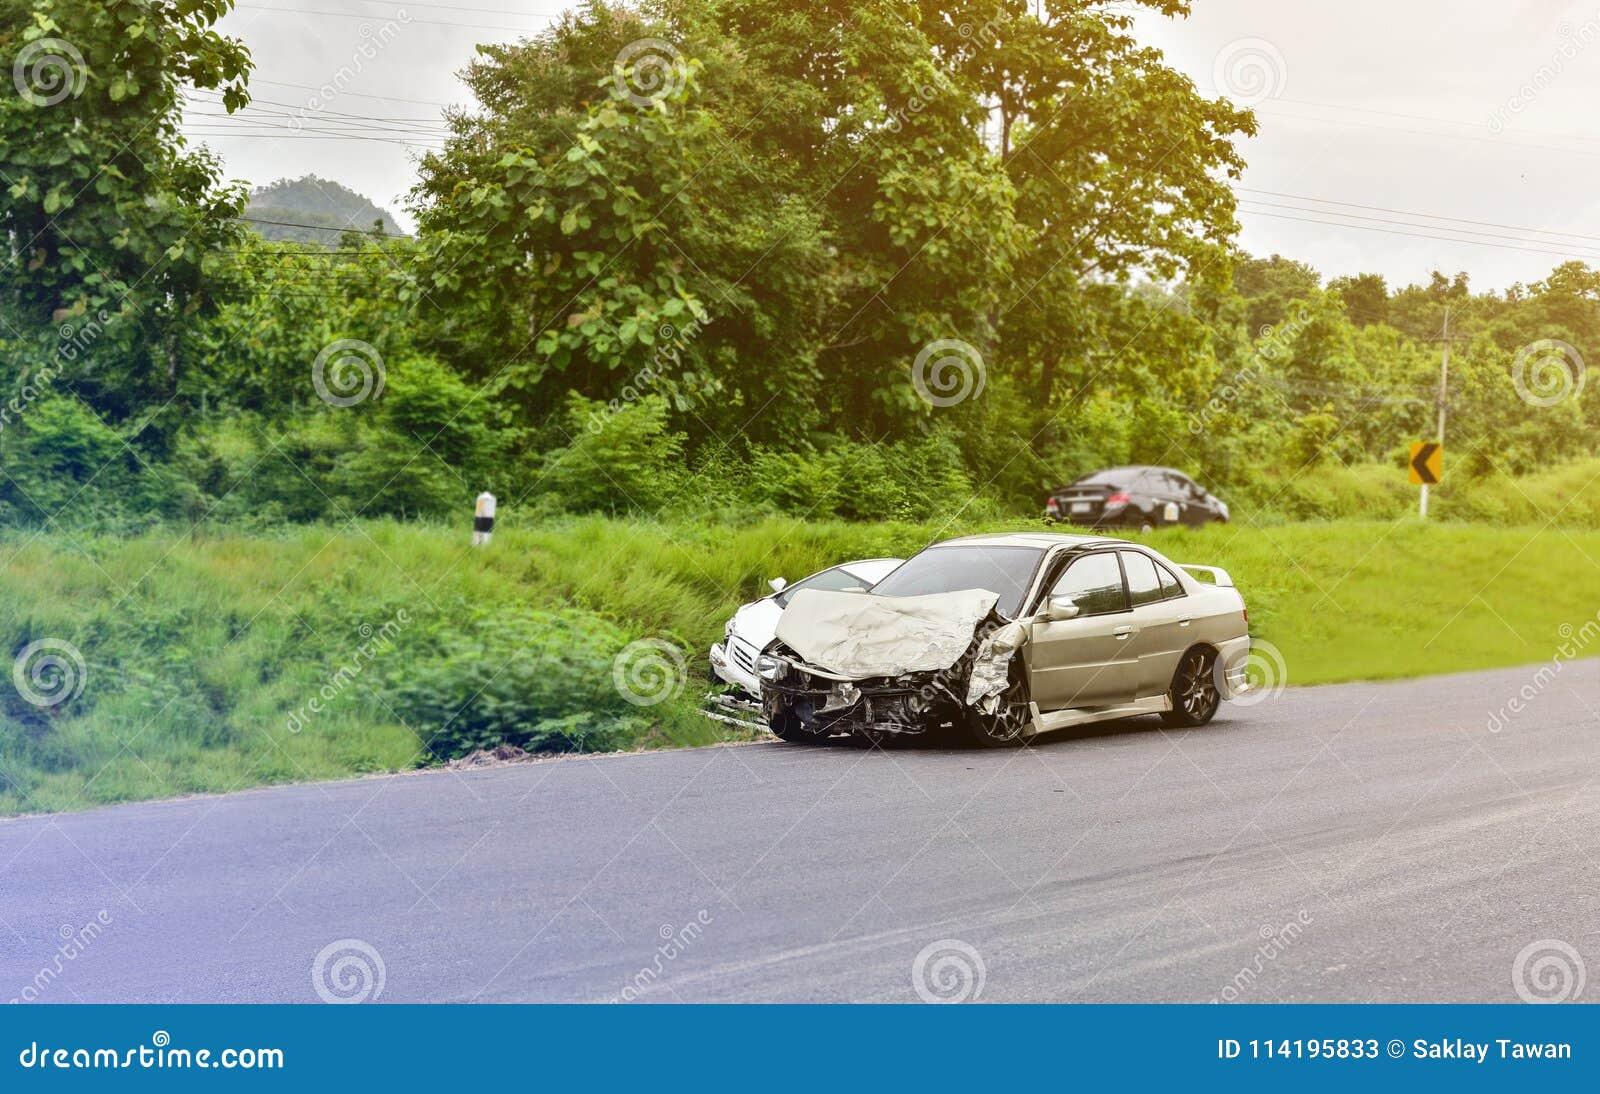 Acidente de trânsito na estrada